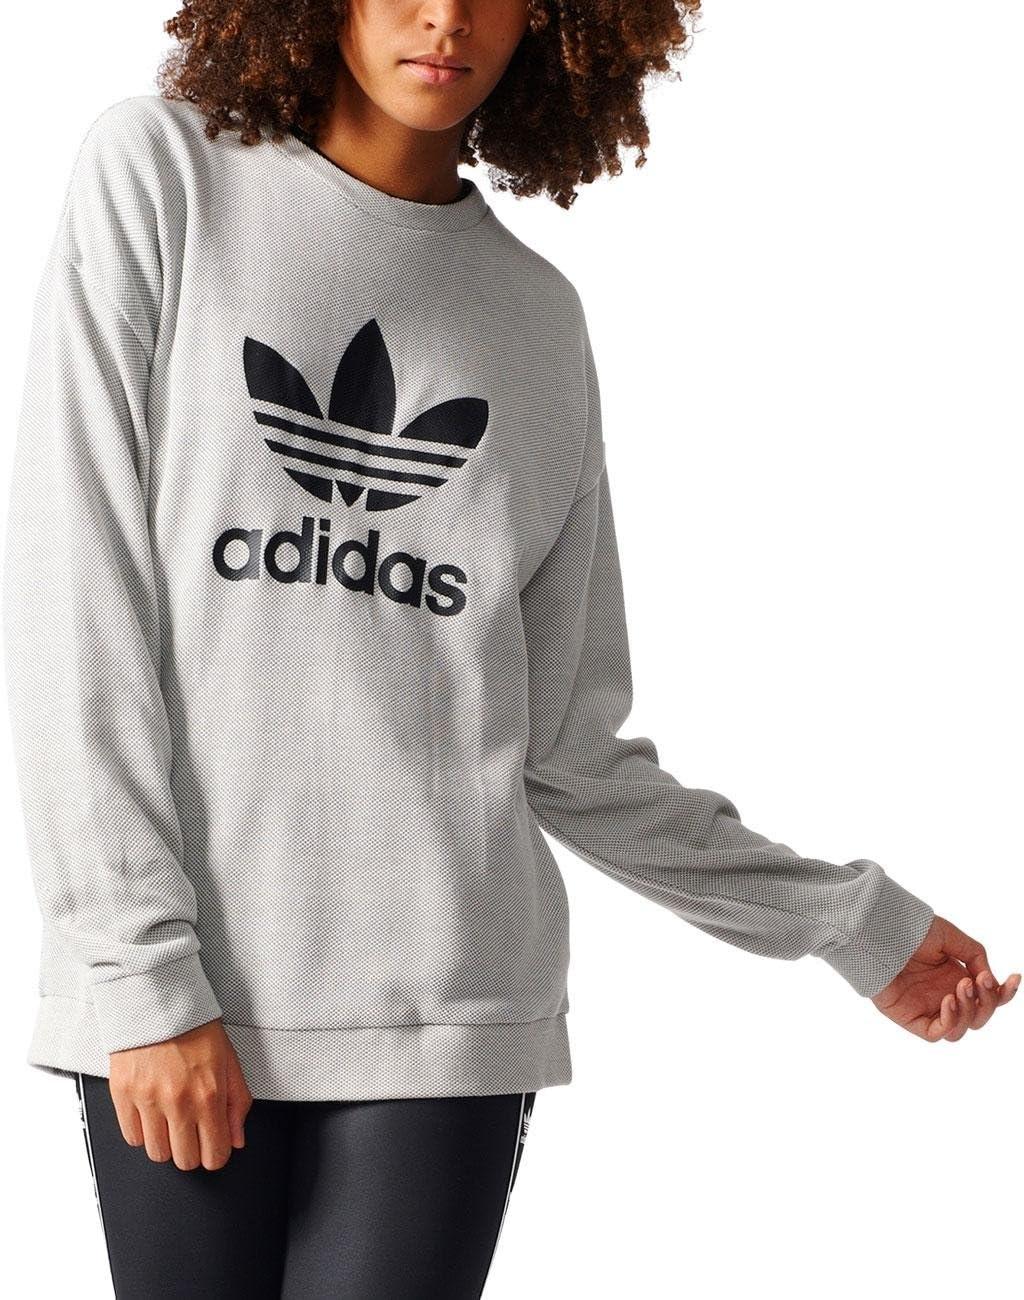 adidas Trefoil Sweater Sudadera, Mujer